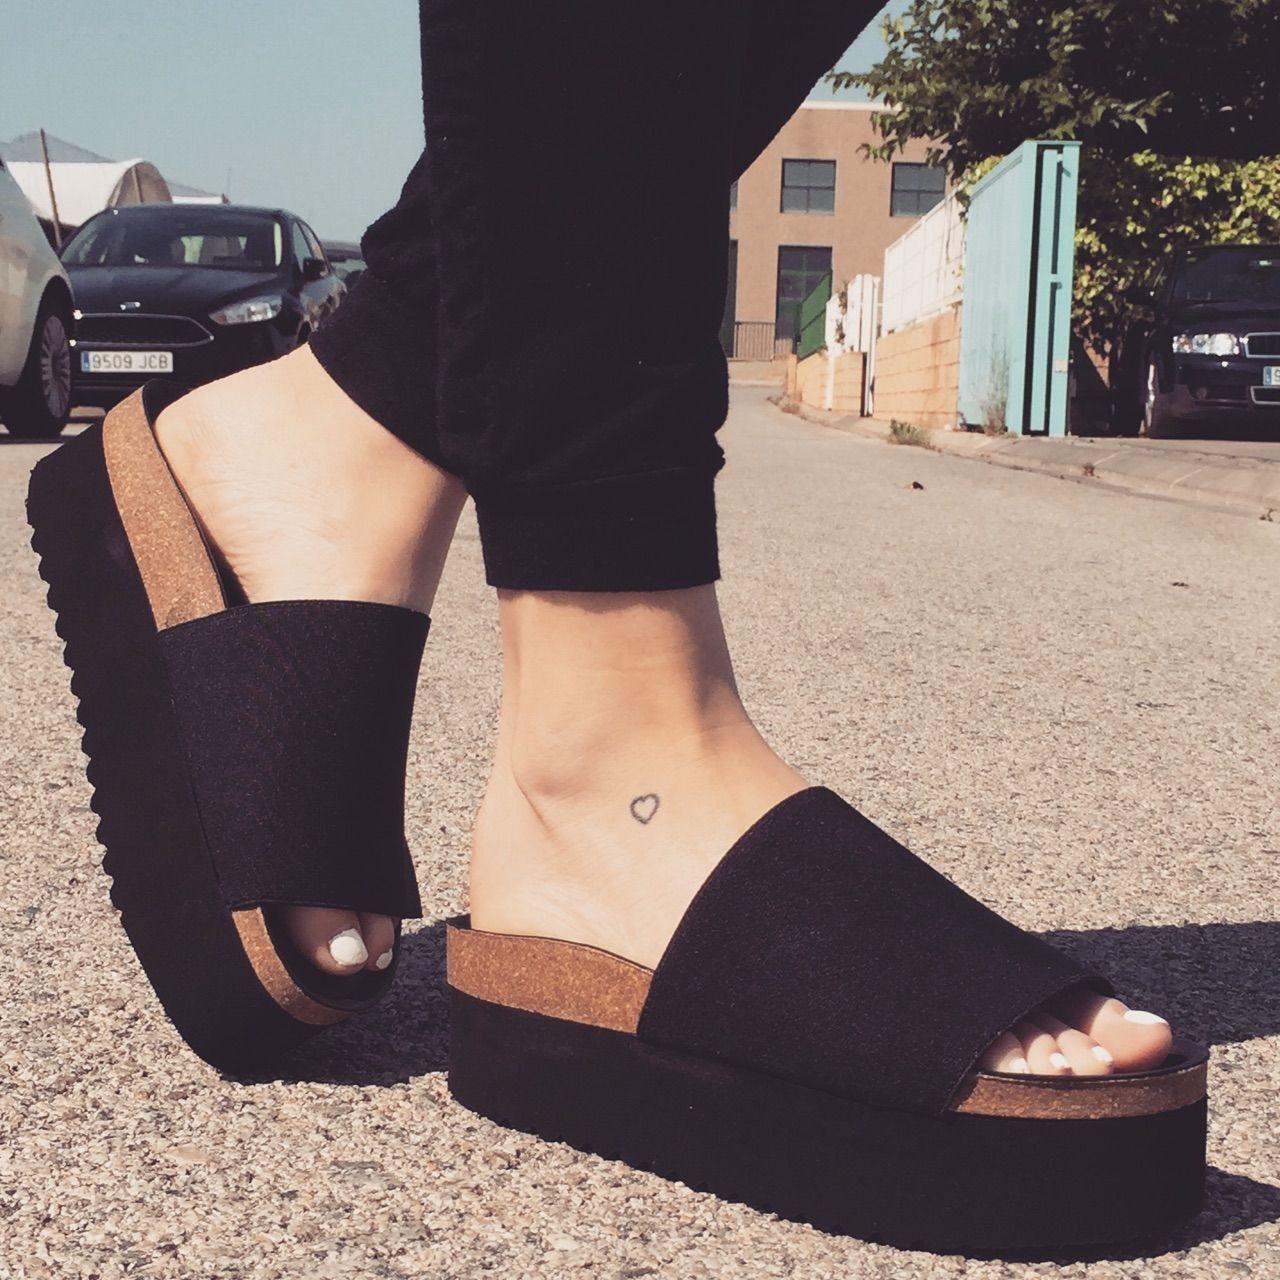 Zapatillas Canvas negro Altura plataforma Mustang 3,5cm Mujer//chica Tela